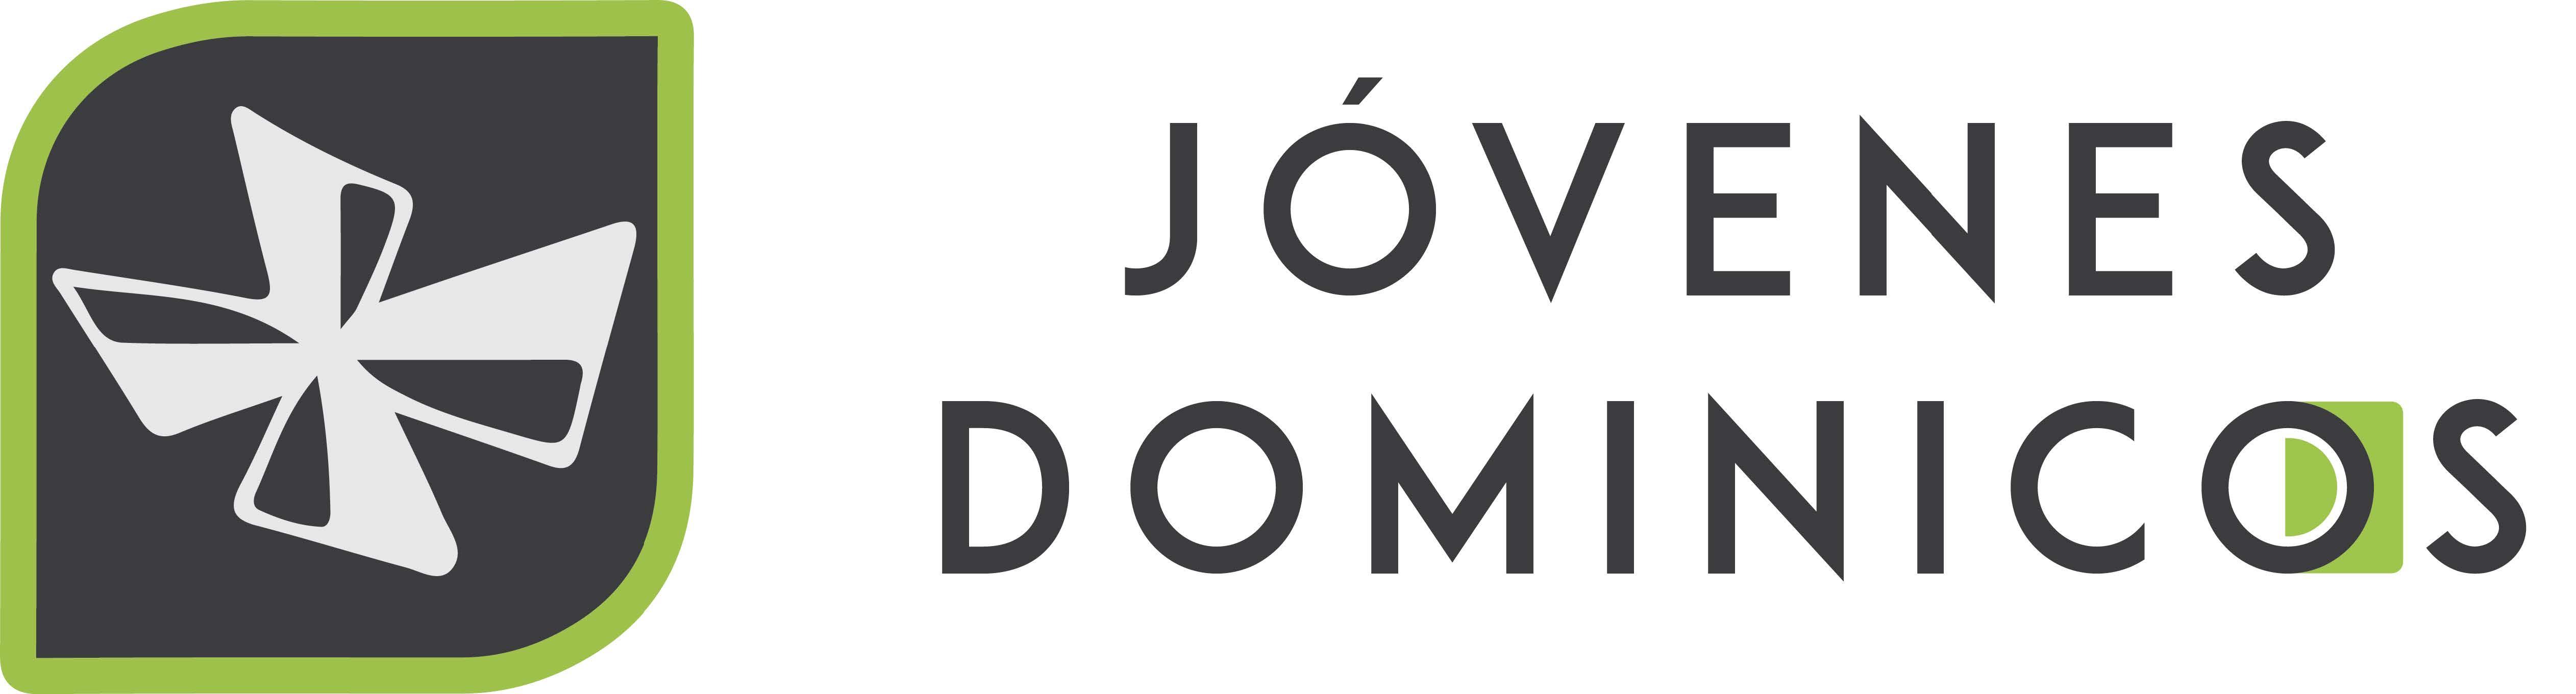 Jóvenes Dominicos